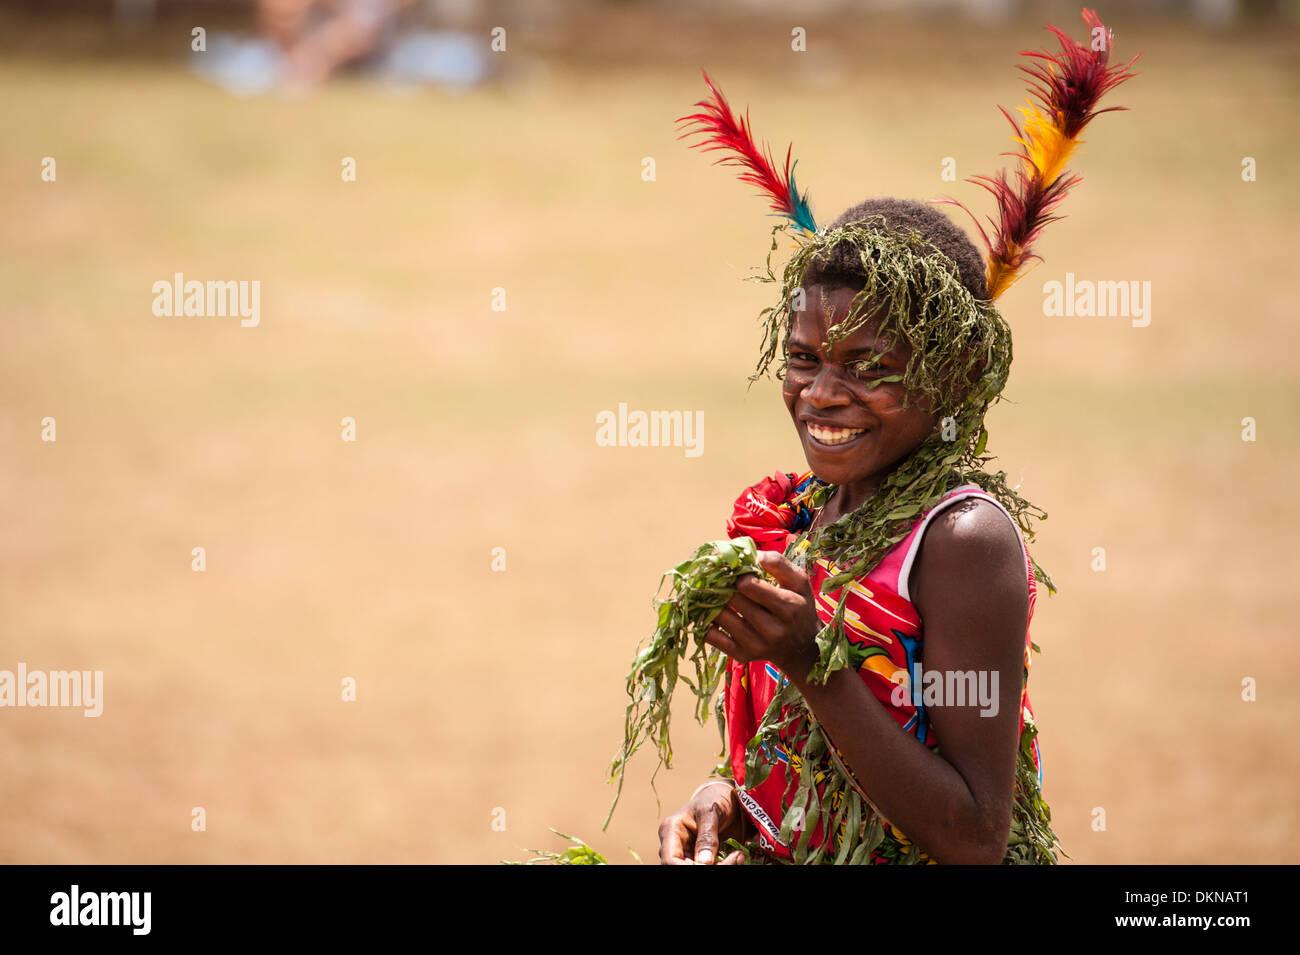 L'un des artistes de Tanna prenant part à l'Fest' Sawagoro, une célébration de la culture traditionnelle, la coutume au Vanuatu. Photo Stock